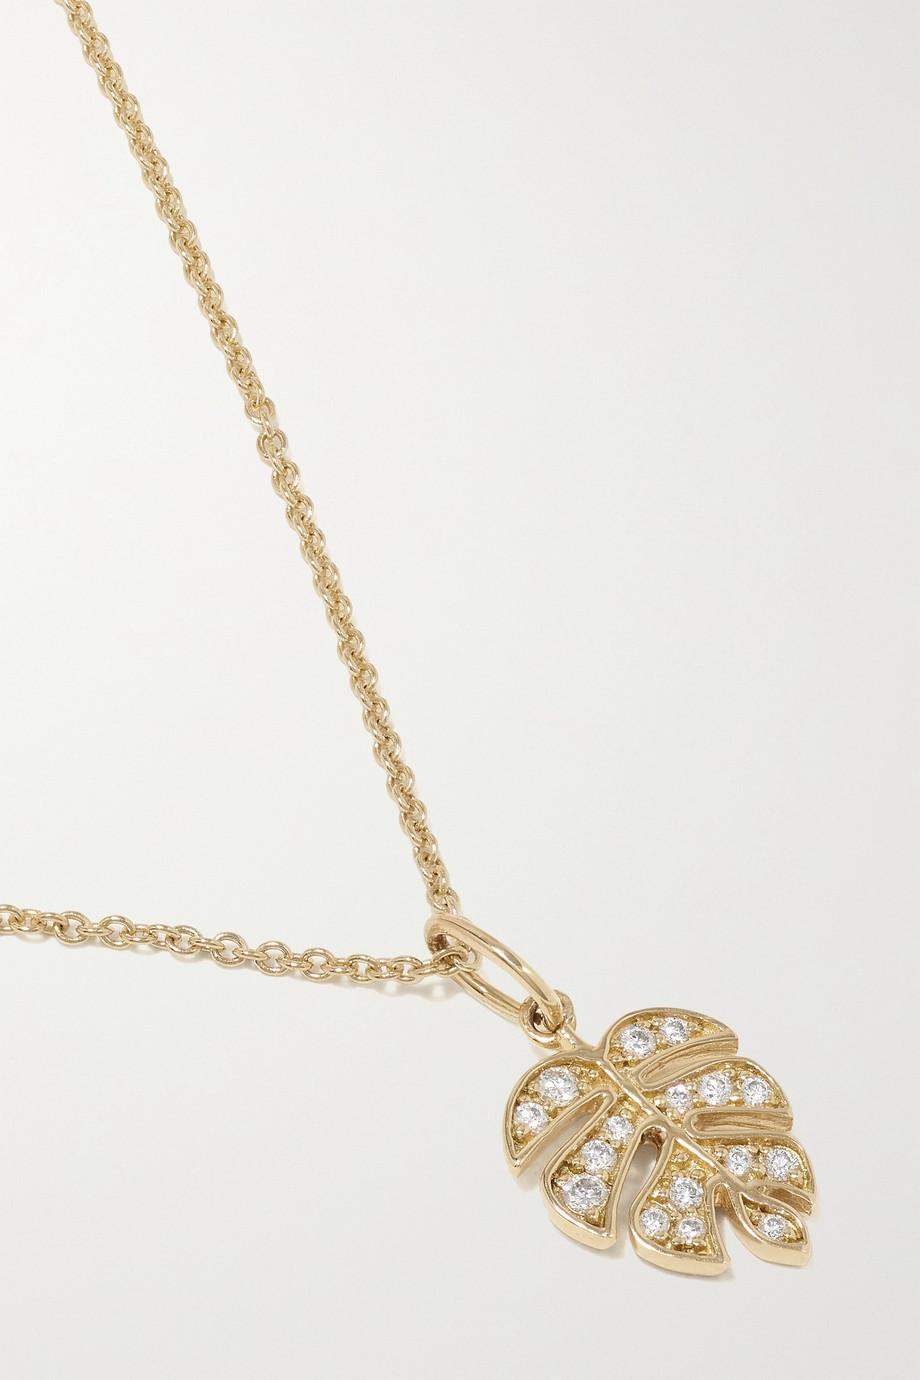 Sydney Evan Small Monstera Leaf Kette aus 14 Karat Gold mit Diamanten